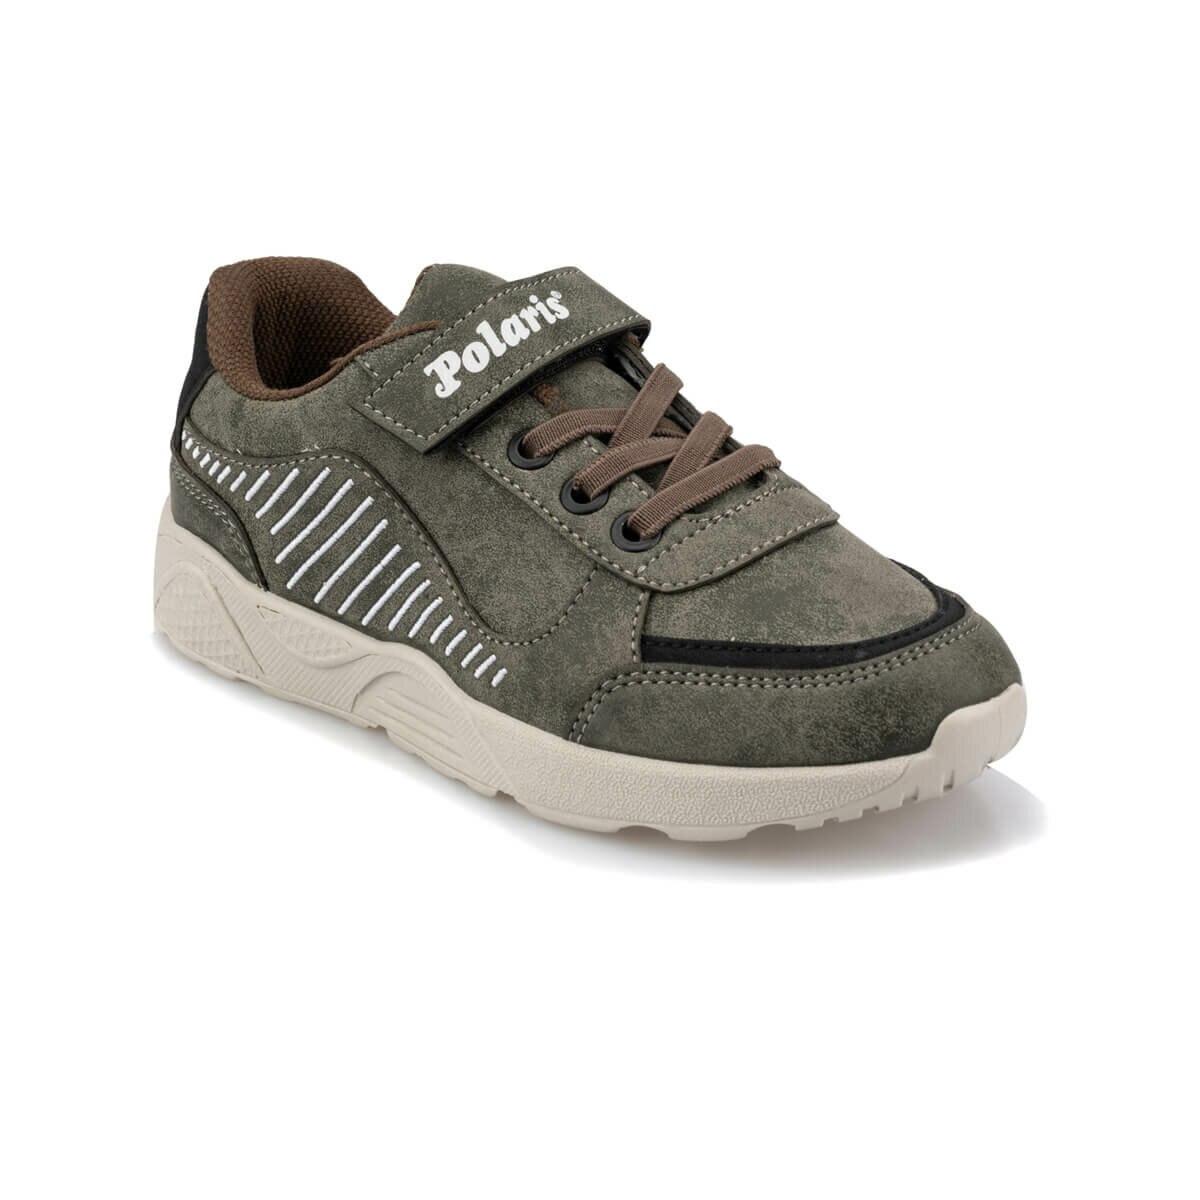 FLO 92.511873.F Khaki Male Child Shoes Polaris